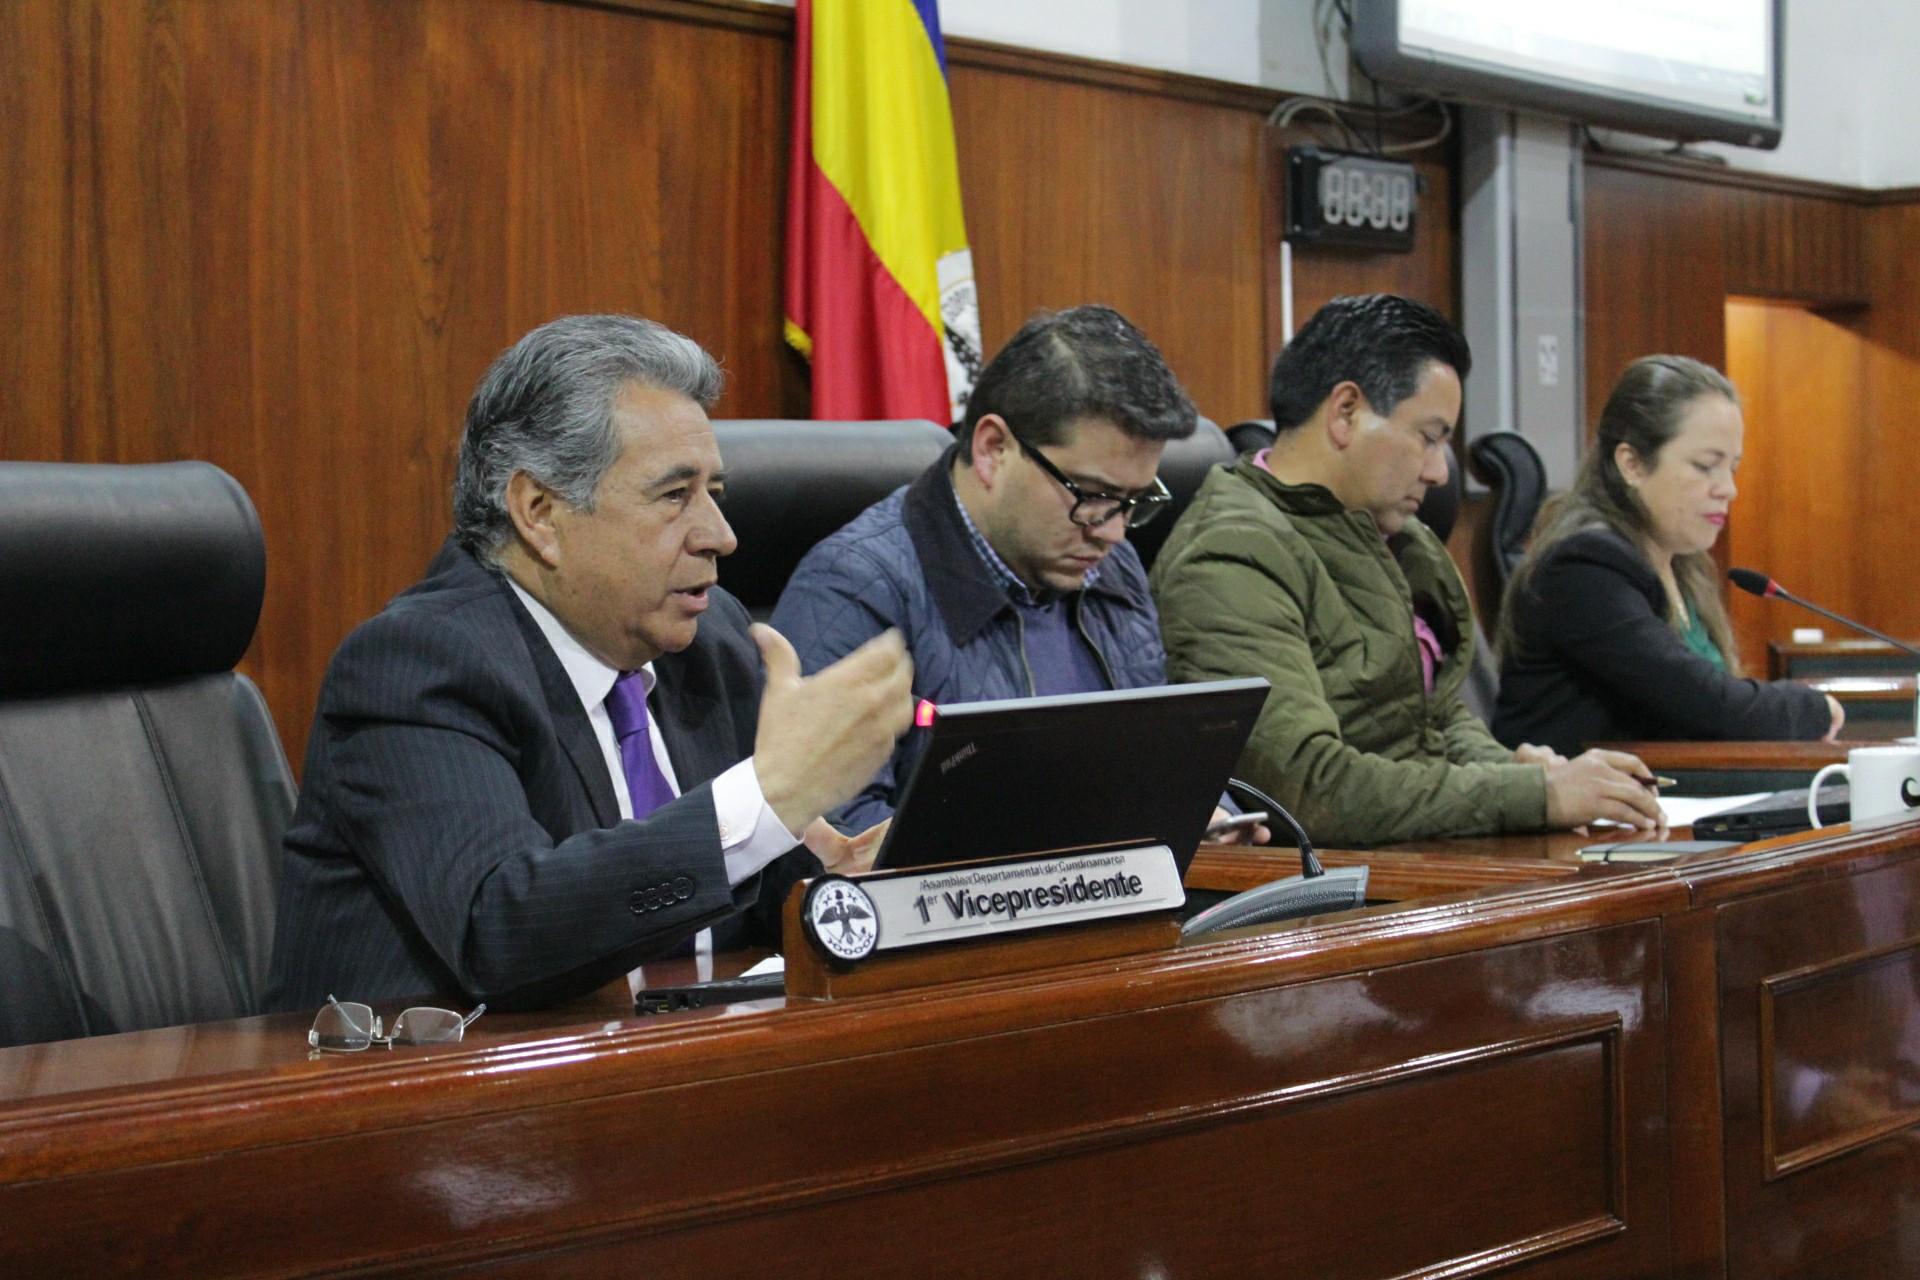 El alcalde de Soacha, Eleázar González durante su intervención hizo énfasis en la urgencia de la aprobación de las vigencias futuras.